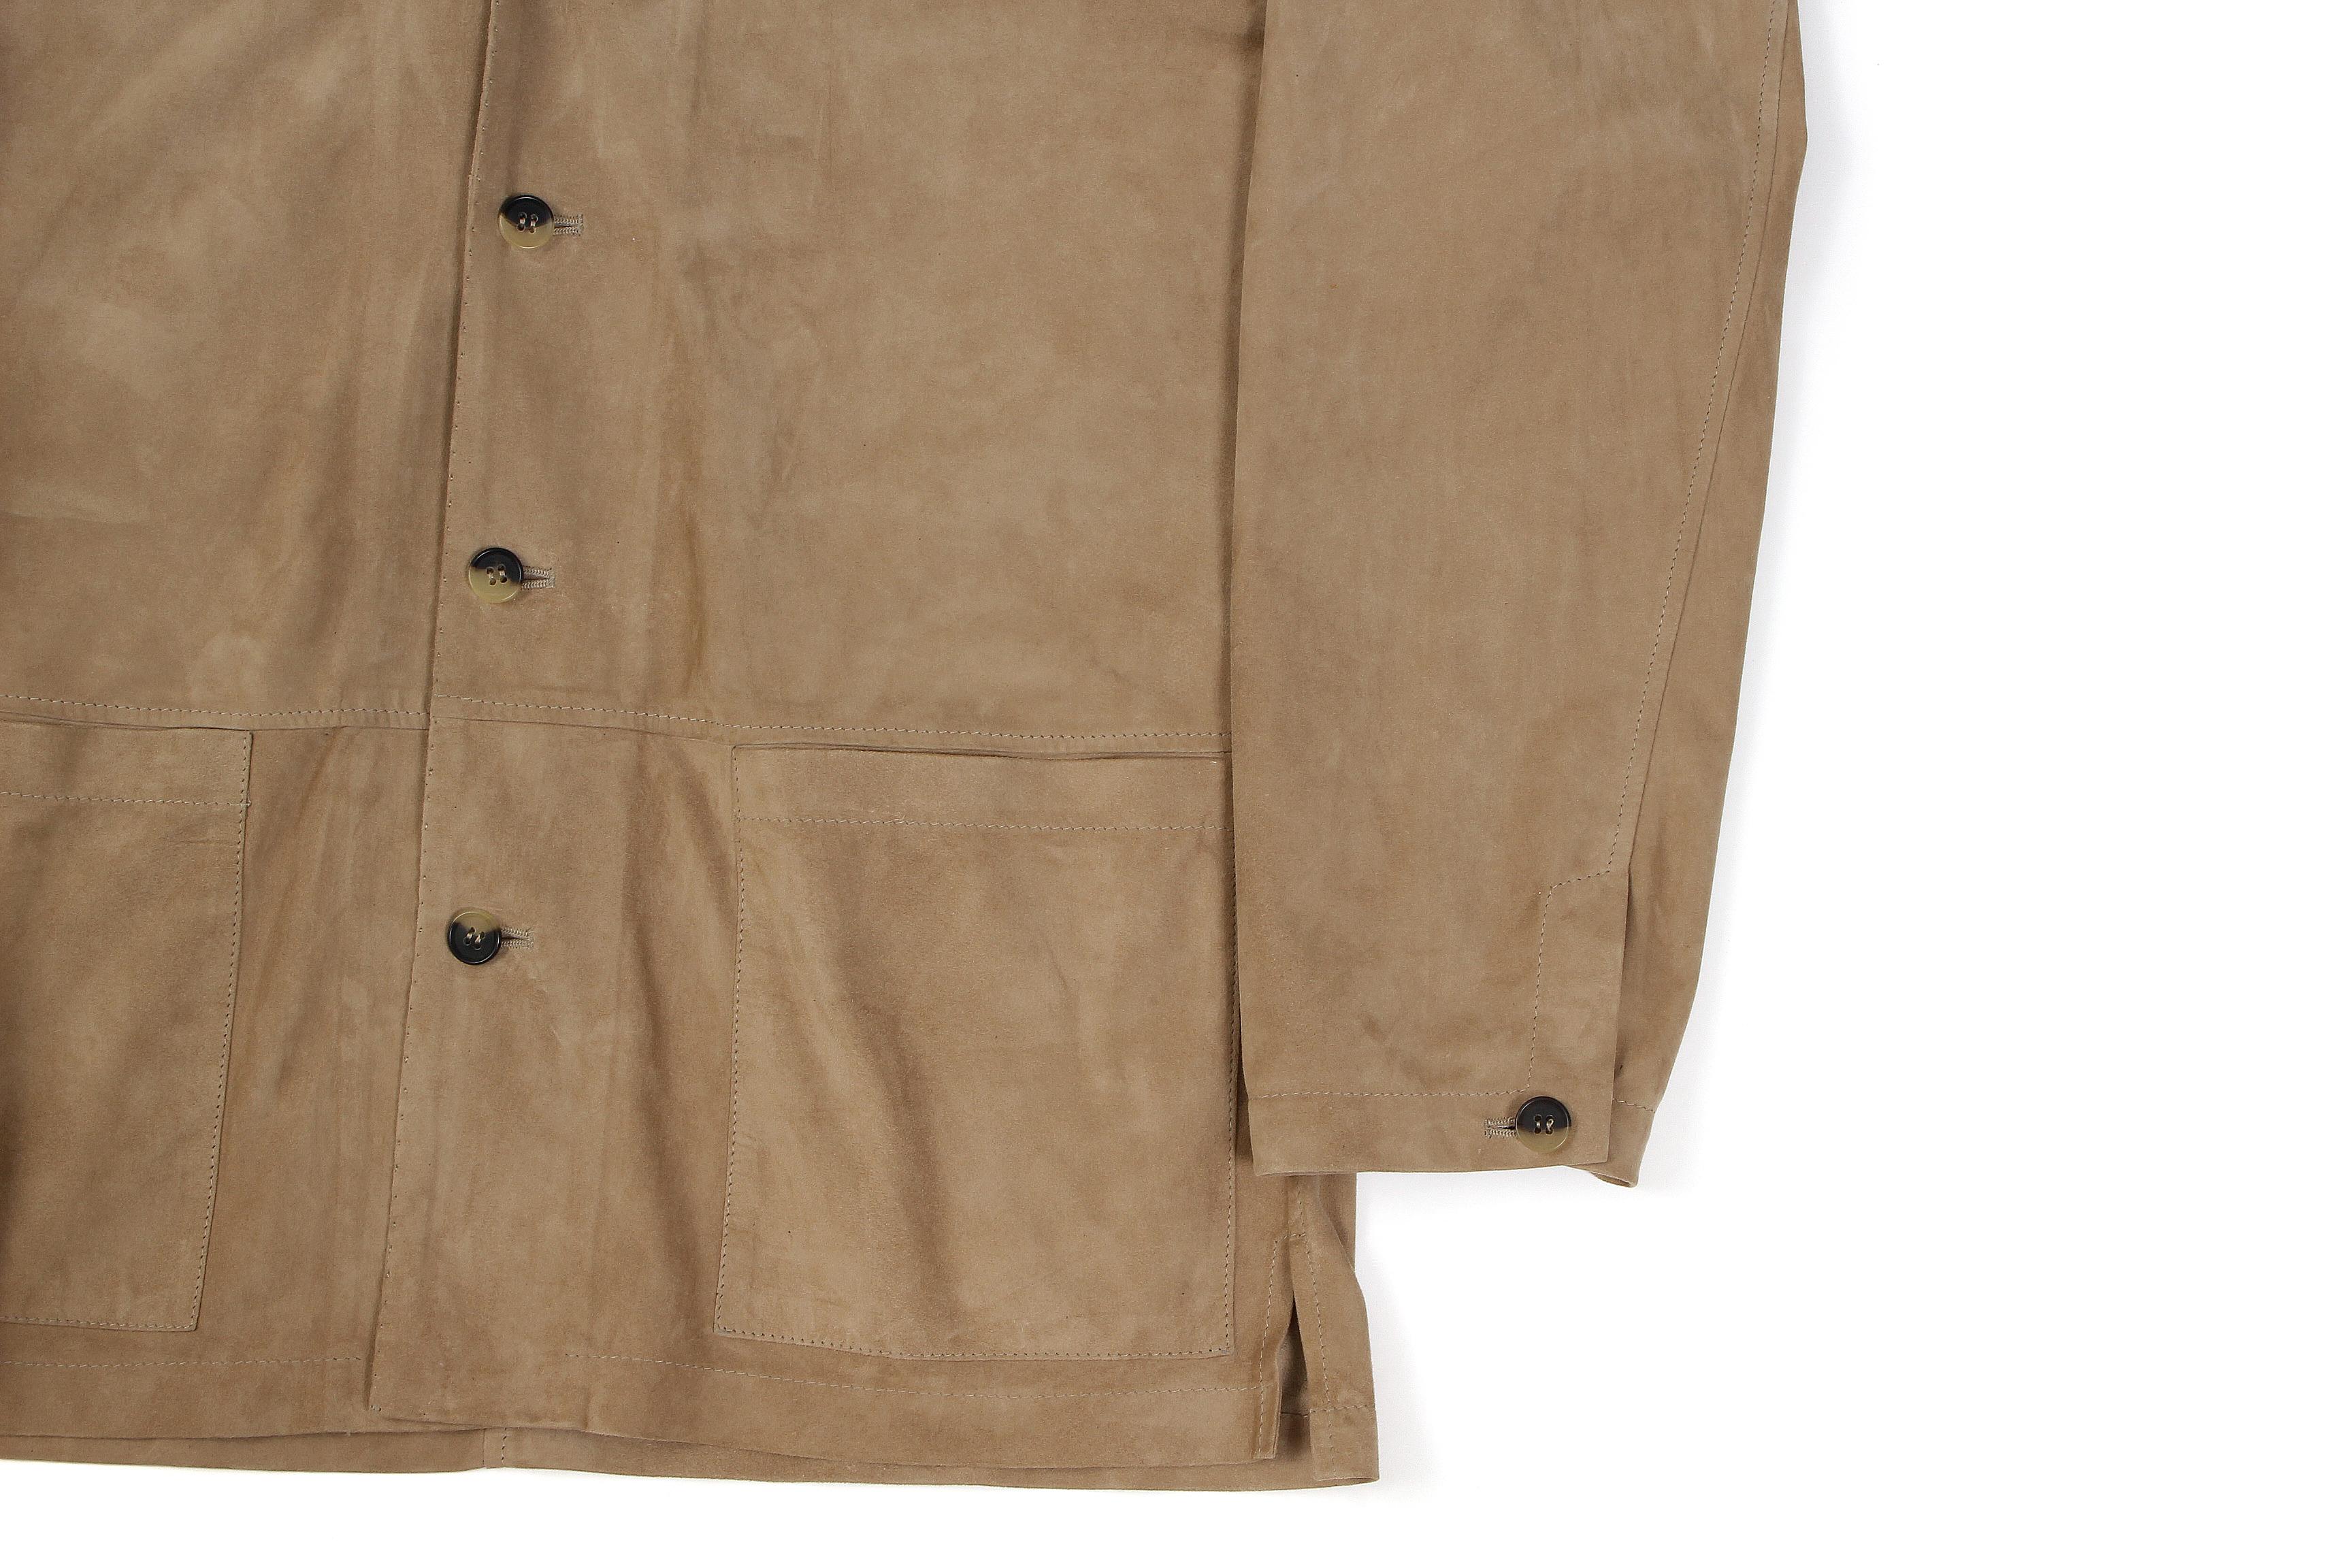 Alfredo Rifugio (アルフレード リフージオ) 20E326HM CAMOSCIO Summer Suede Leather Shirts サマースウェード レザーシャツ BEIGE(ベージュ) made in italy (イタリア製) 2020 春夏新作 【入荷しました】【フリー分発売開始】 alfredorifujio アルフレードリフージオ 愛知 名古屋 Alto e Diritto アルト エ デリット alto e diritto アルトエデリット レザージャケット 素肌にレザー 42,44,46,48,50,52